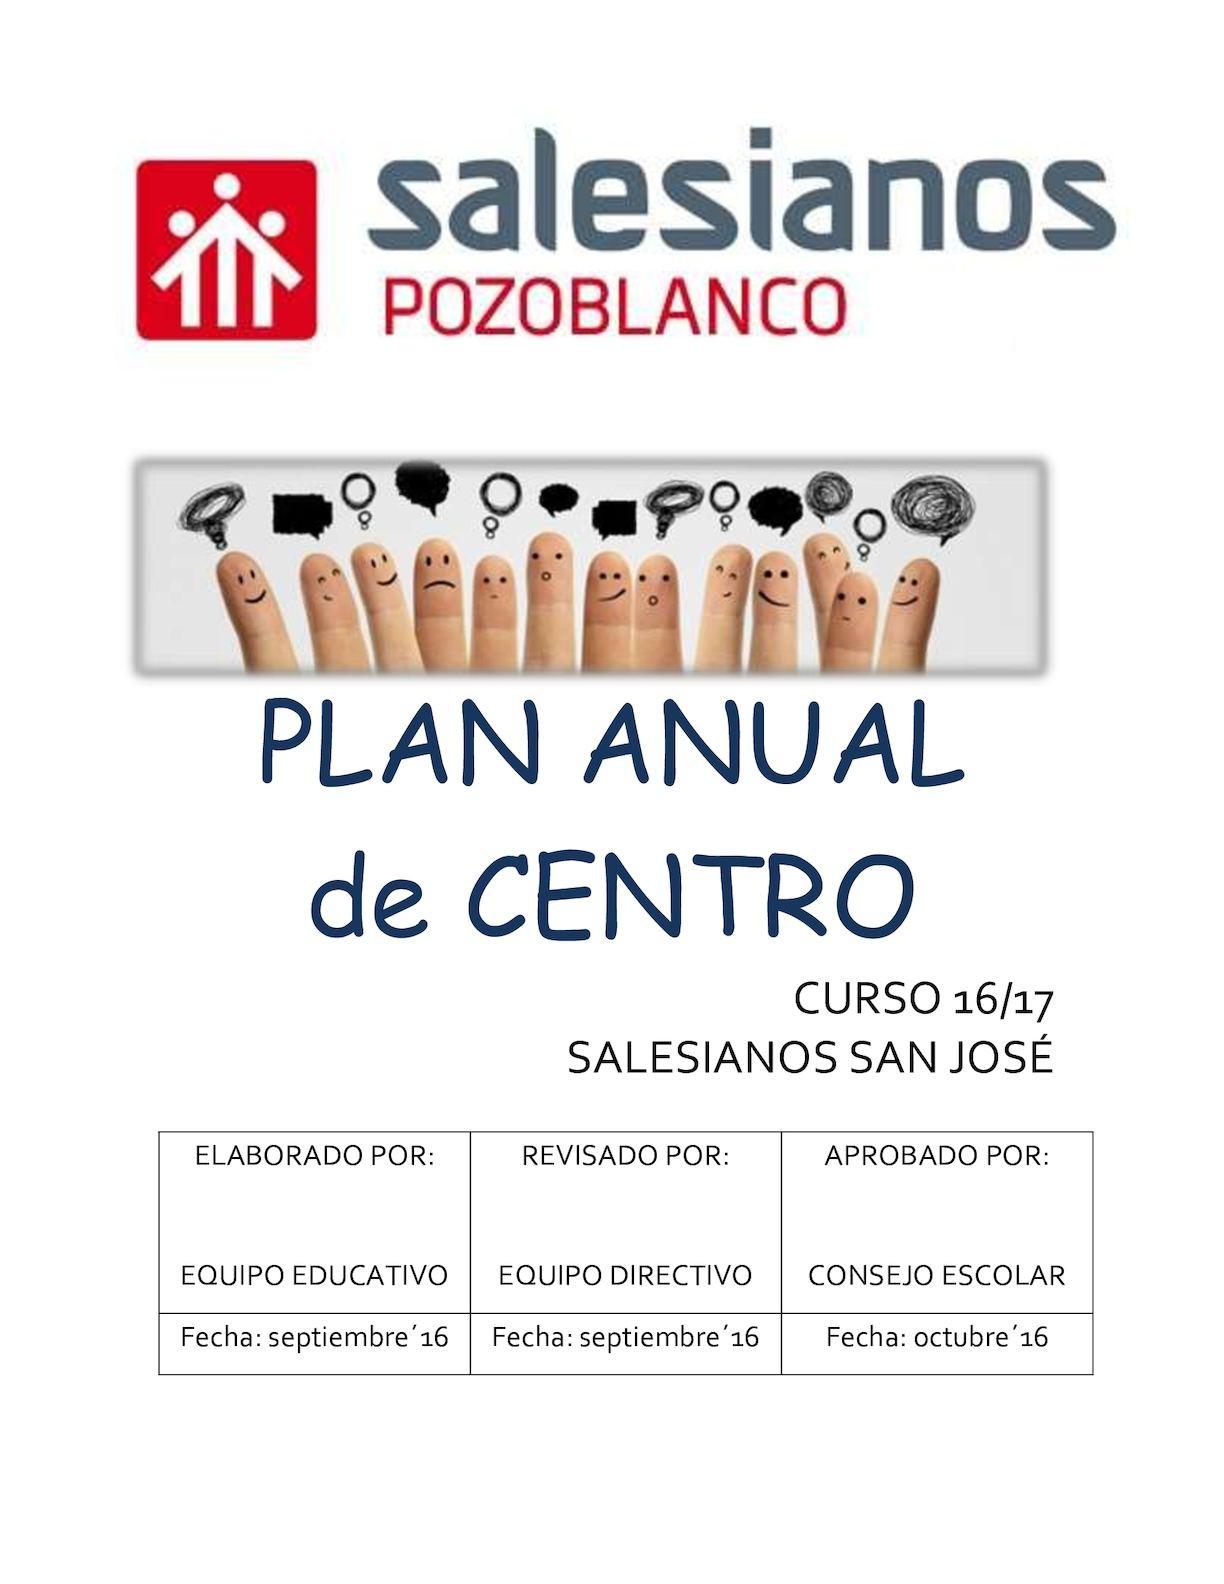 Calendario 2019 Feriados fortaleza Más Populares Calaméo Plan Anual Centro 16 17 Of Calendario 2019 Feriados fortaleza Mejores Y Más Novedosos Inicio · Direccion General De Aduanas · Dga · Republica Dominicana